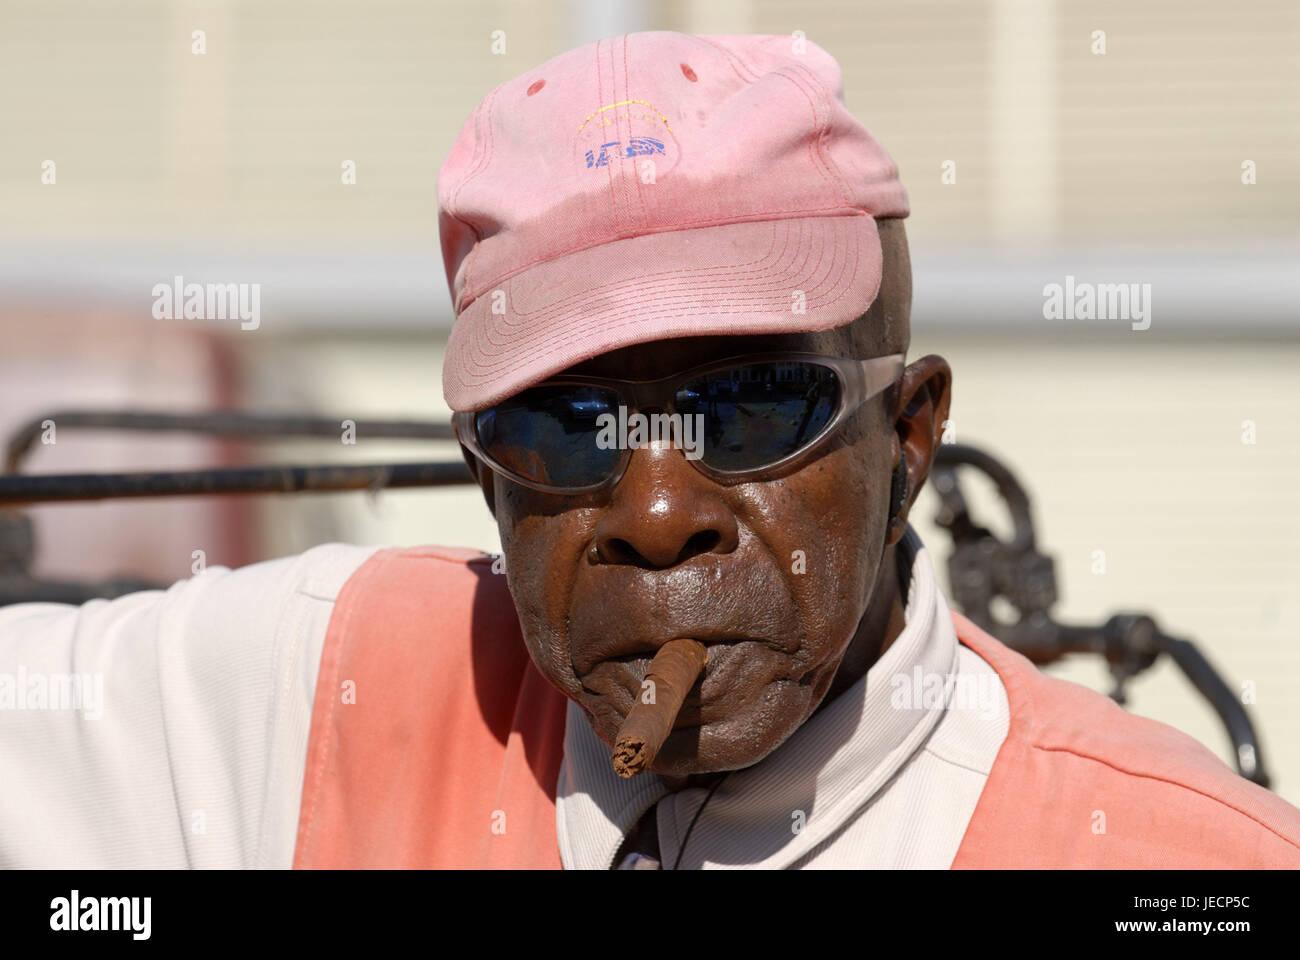 SoleilD'un CigareLa Fumée CubaCamagüeyHommeLunettes De L3ARq54j